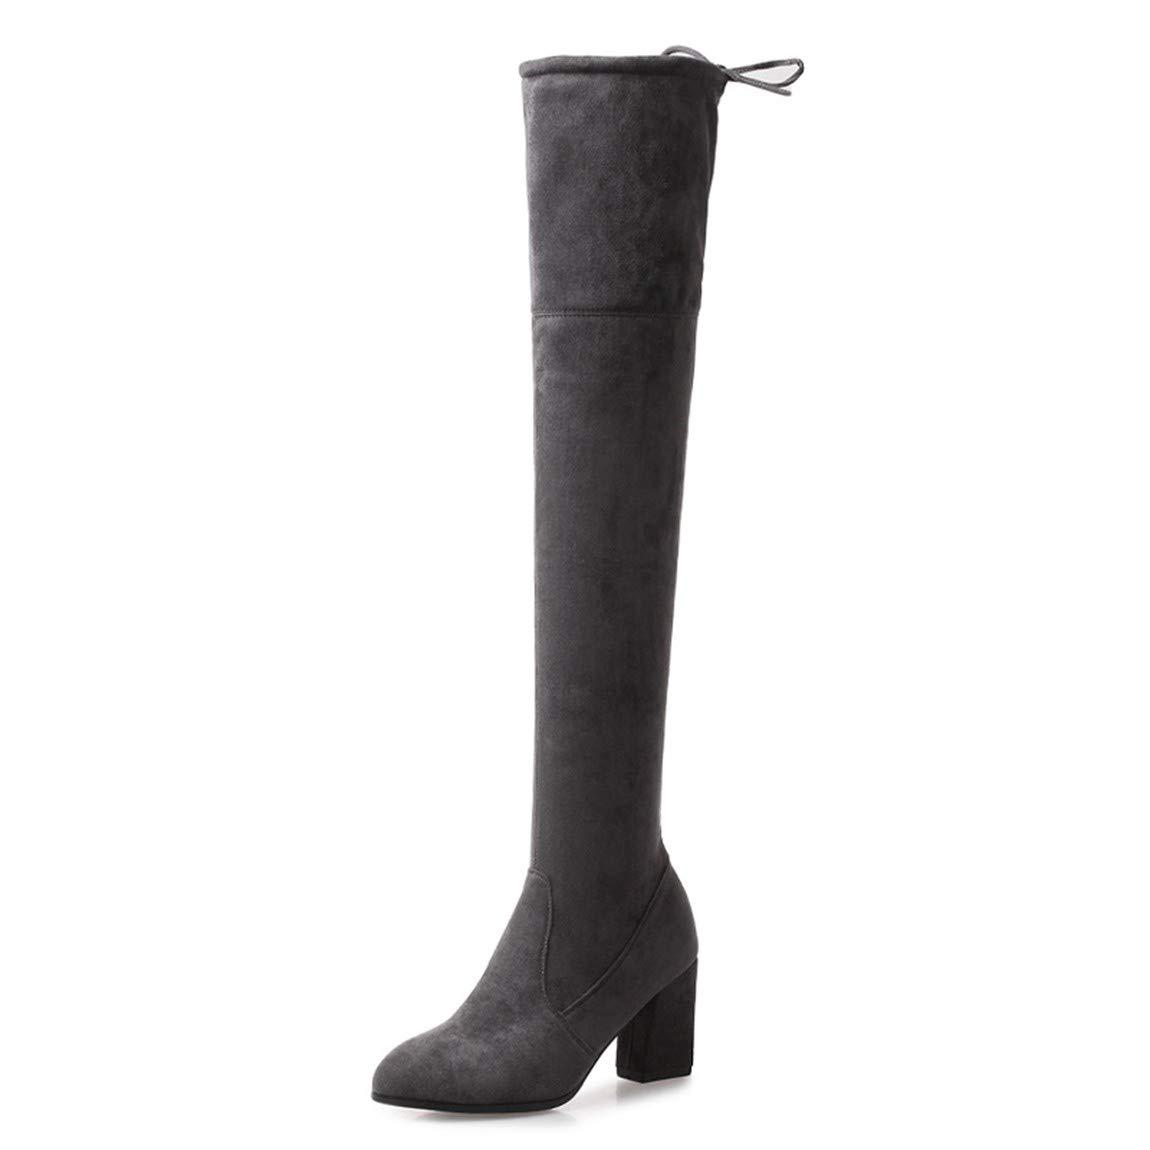 Cute girl Stiefel Dicke Frauen Mit Langen Stiefel Hohe Rohr Plus Velvet'S Größe Code Komfortable Dünne Elastische Stiefel Grau